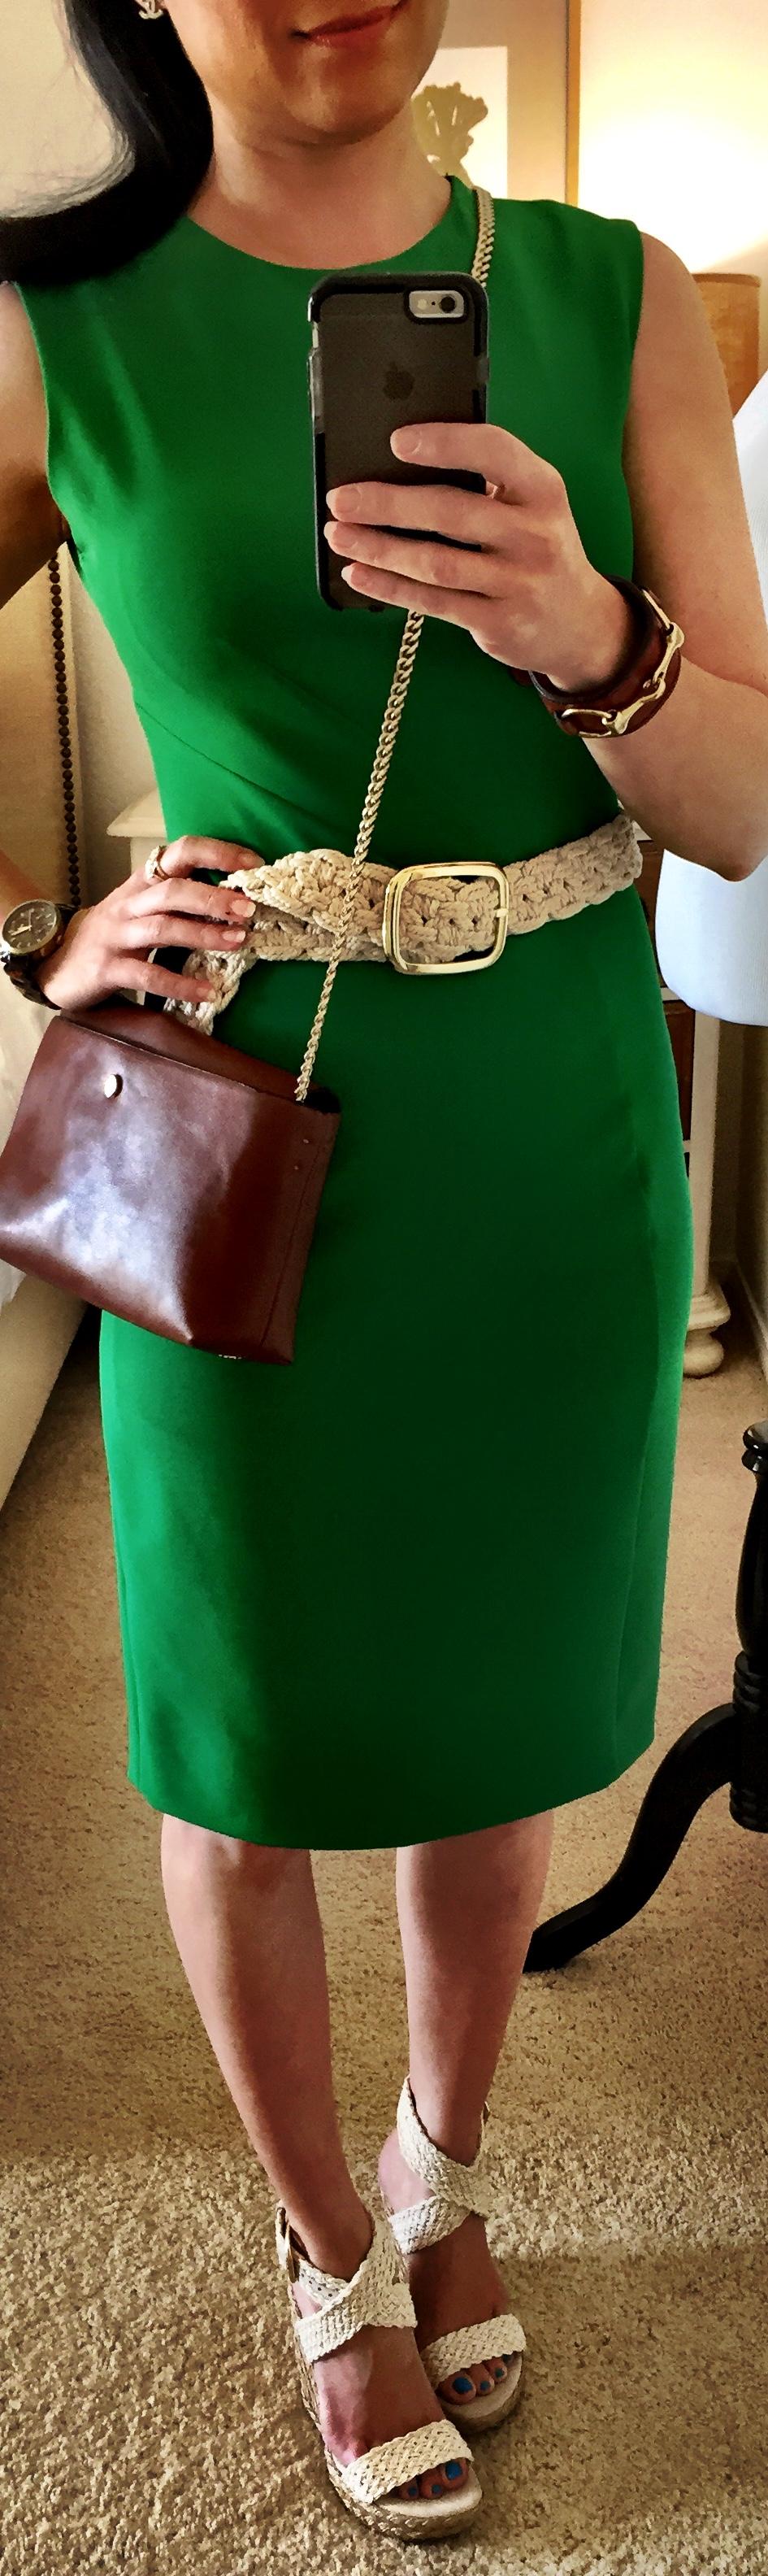 Sept 23, Wearing Kelly Green